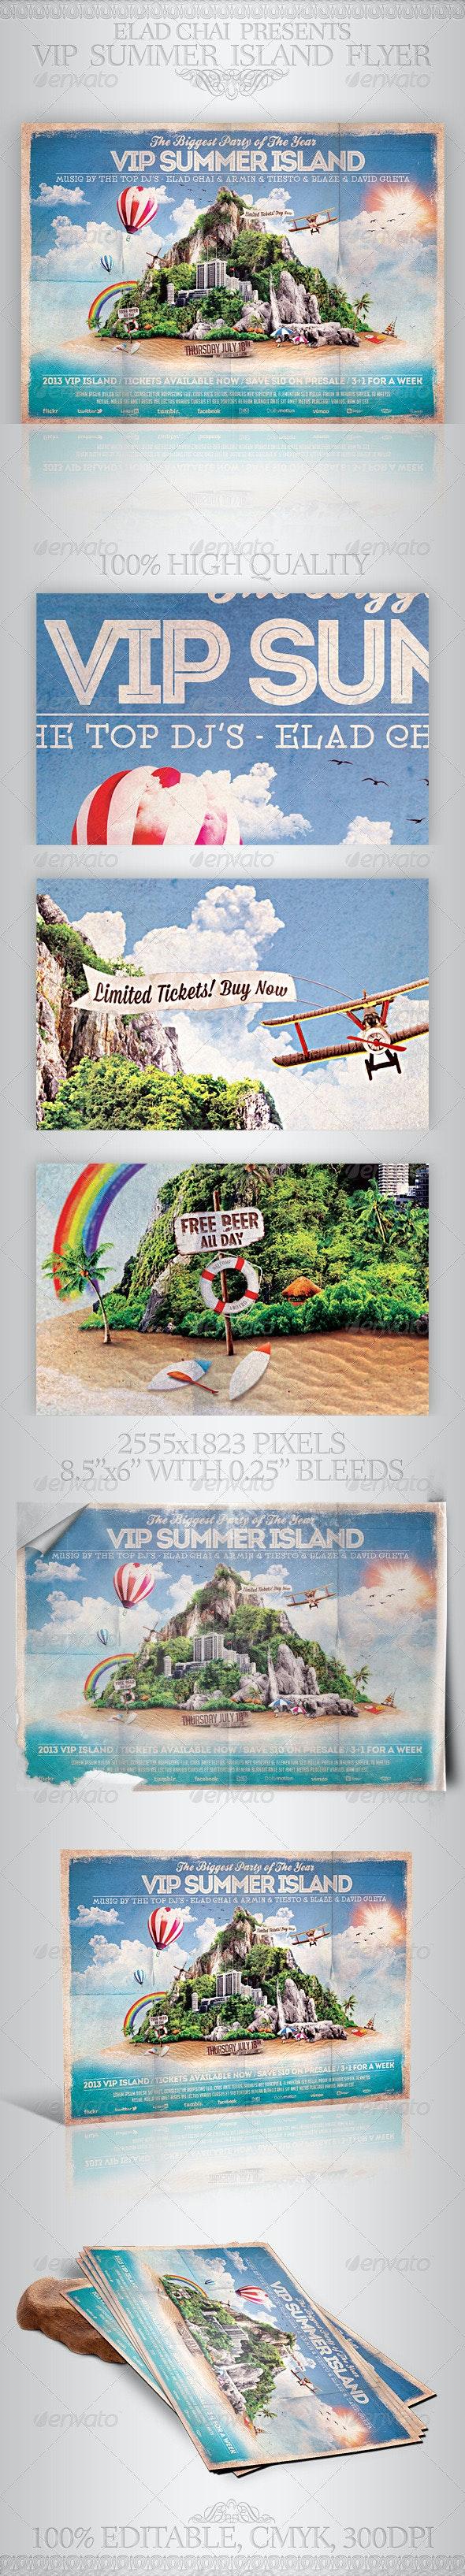 VIP Summer Island Beach Flyer Template - Clubs & Parties Events